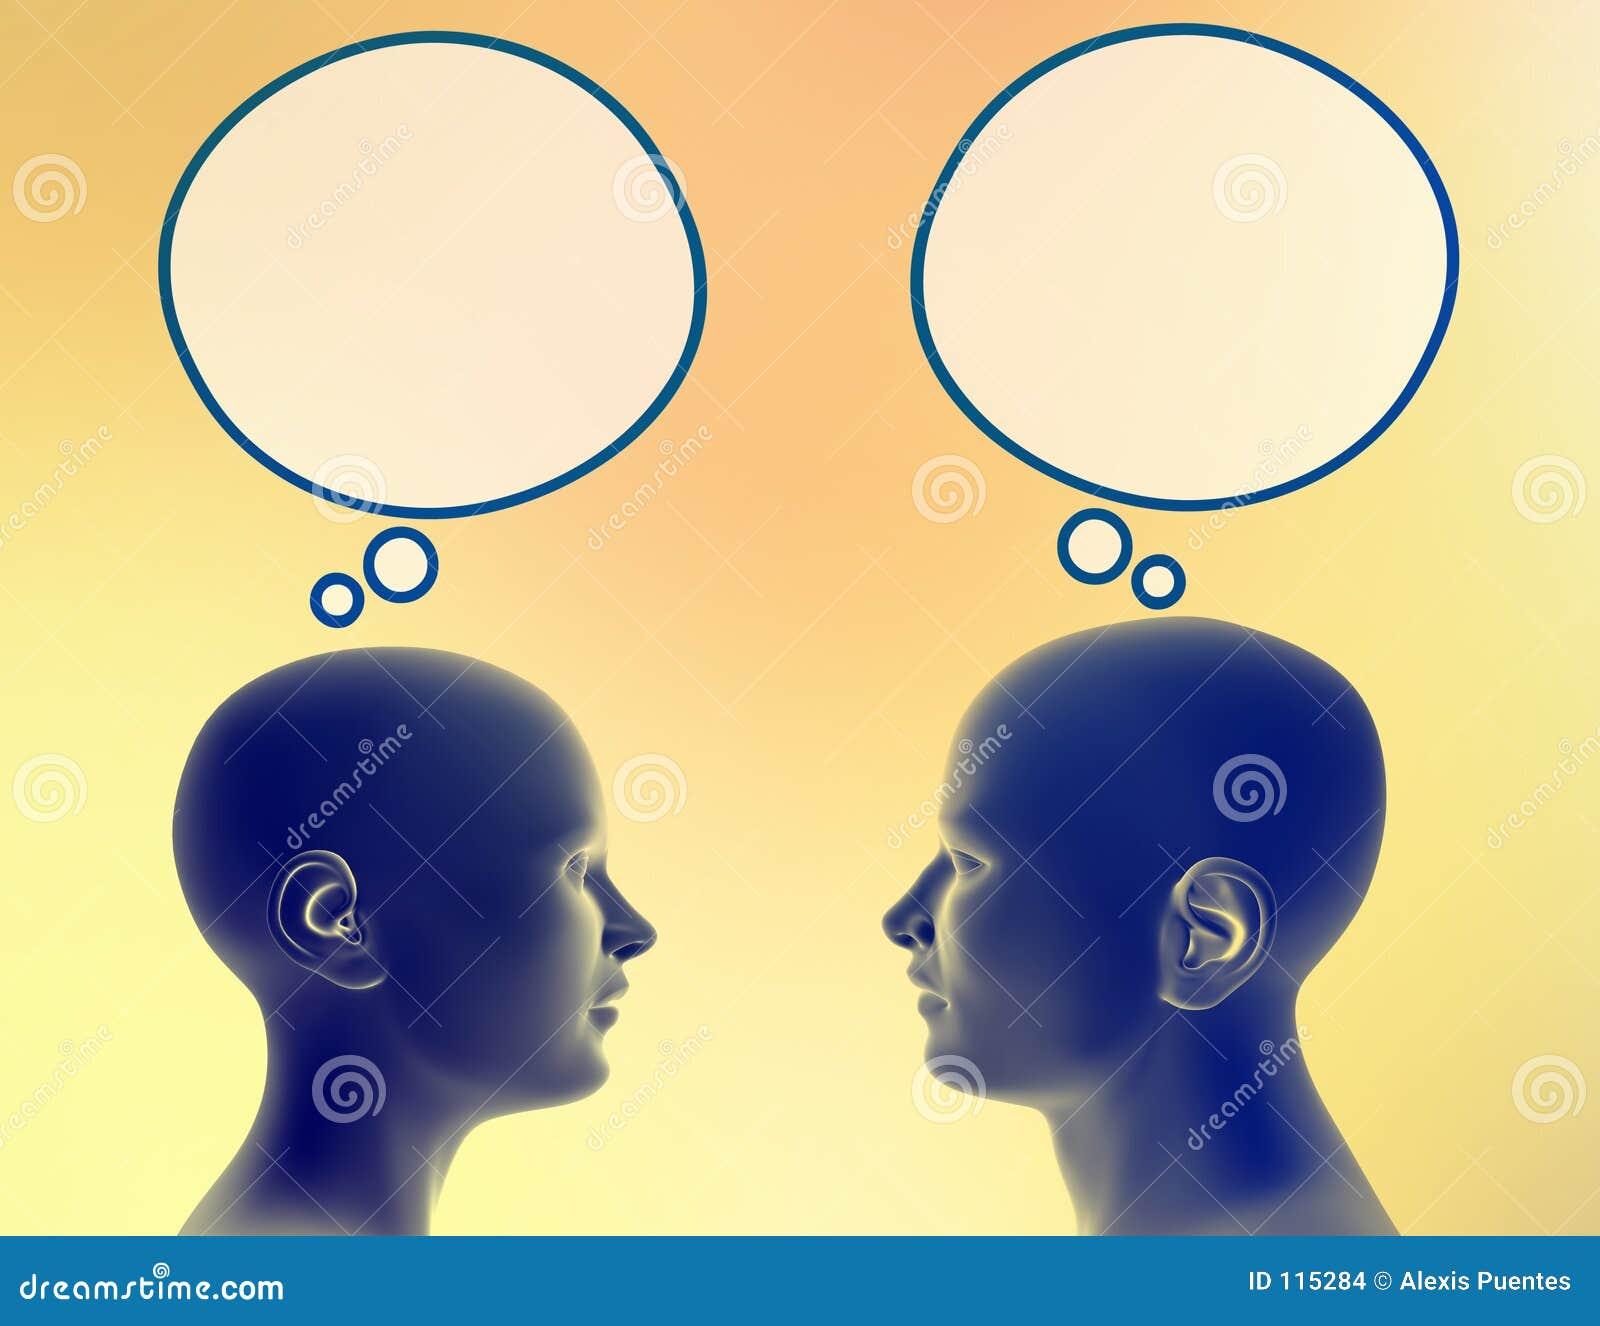 Compartilhando de seus pensamentos